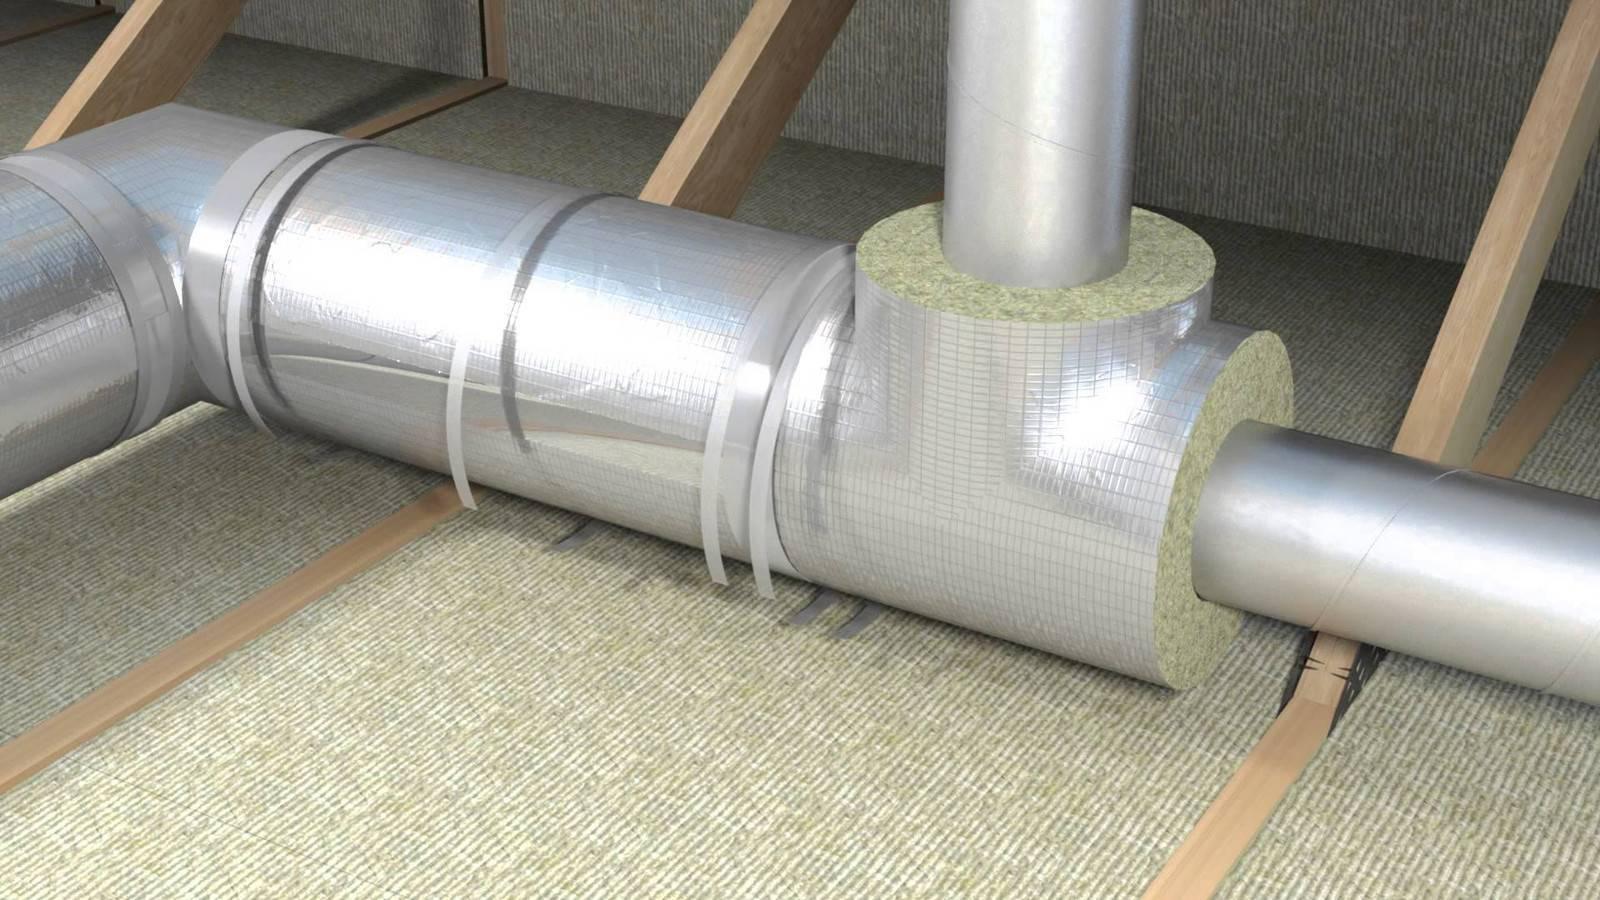 Теплоизоляция для труб отопления - чем изолировать, какие материалы использовать